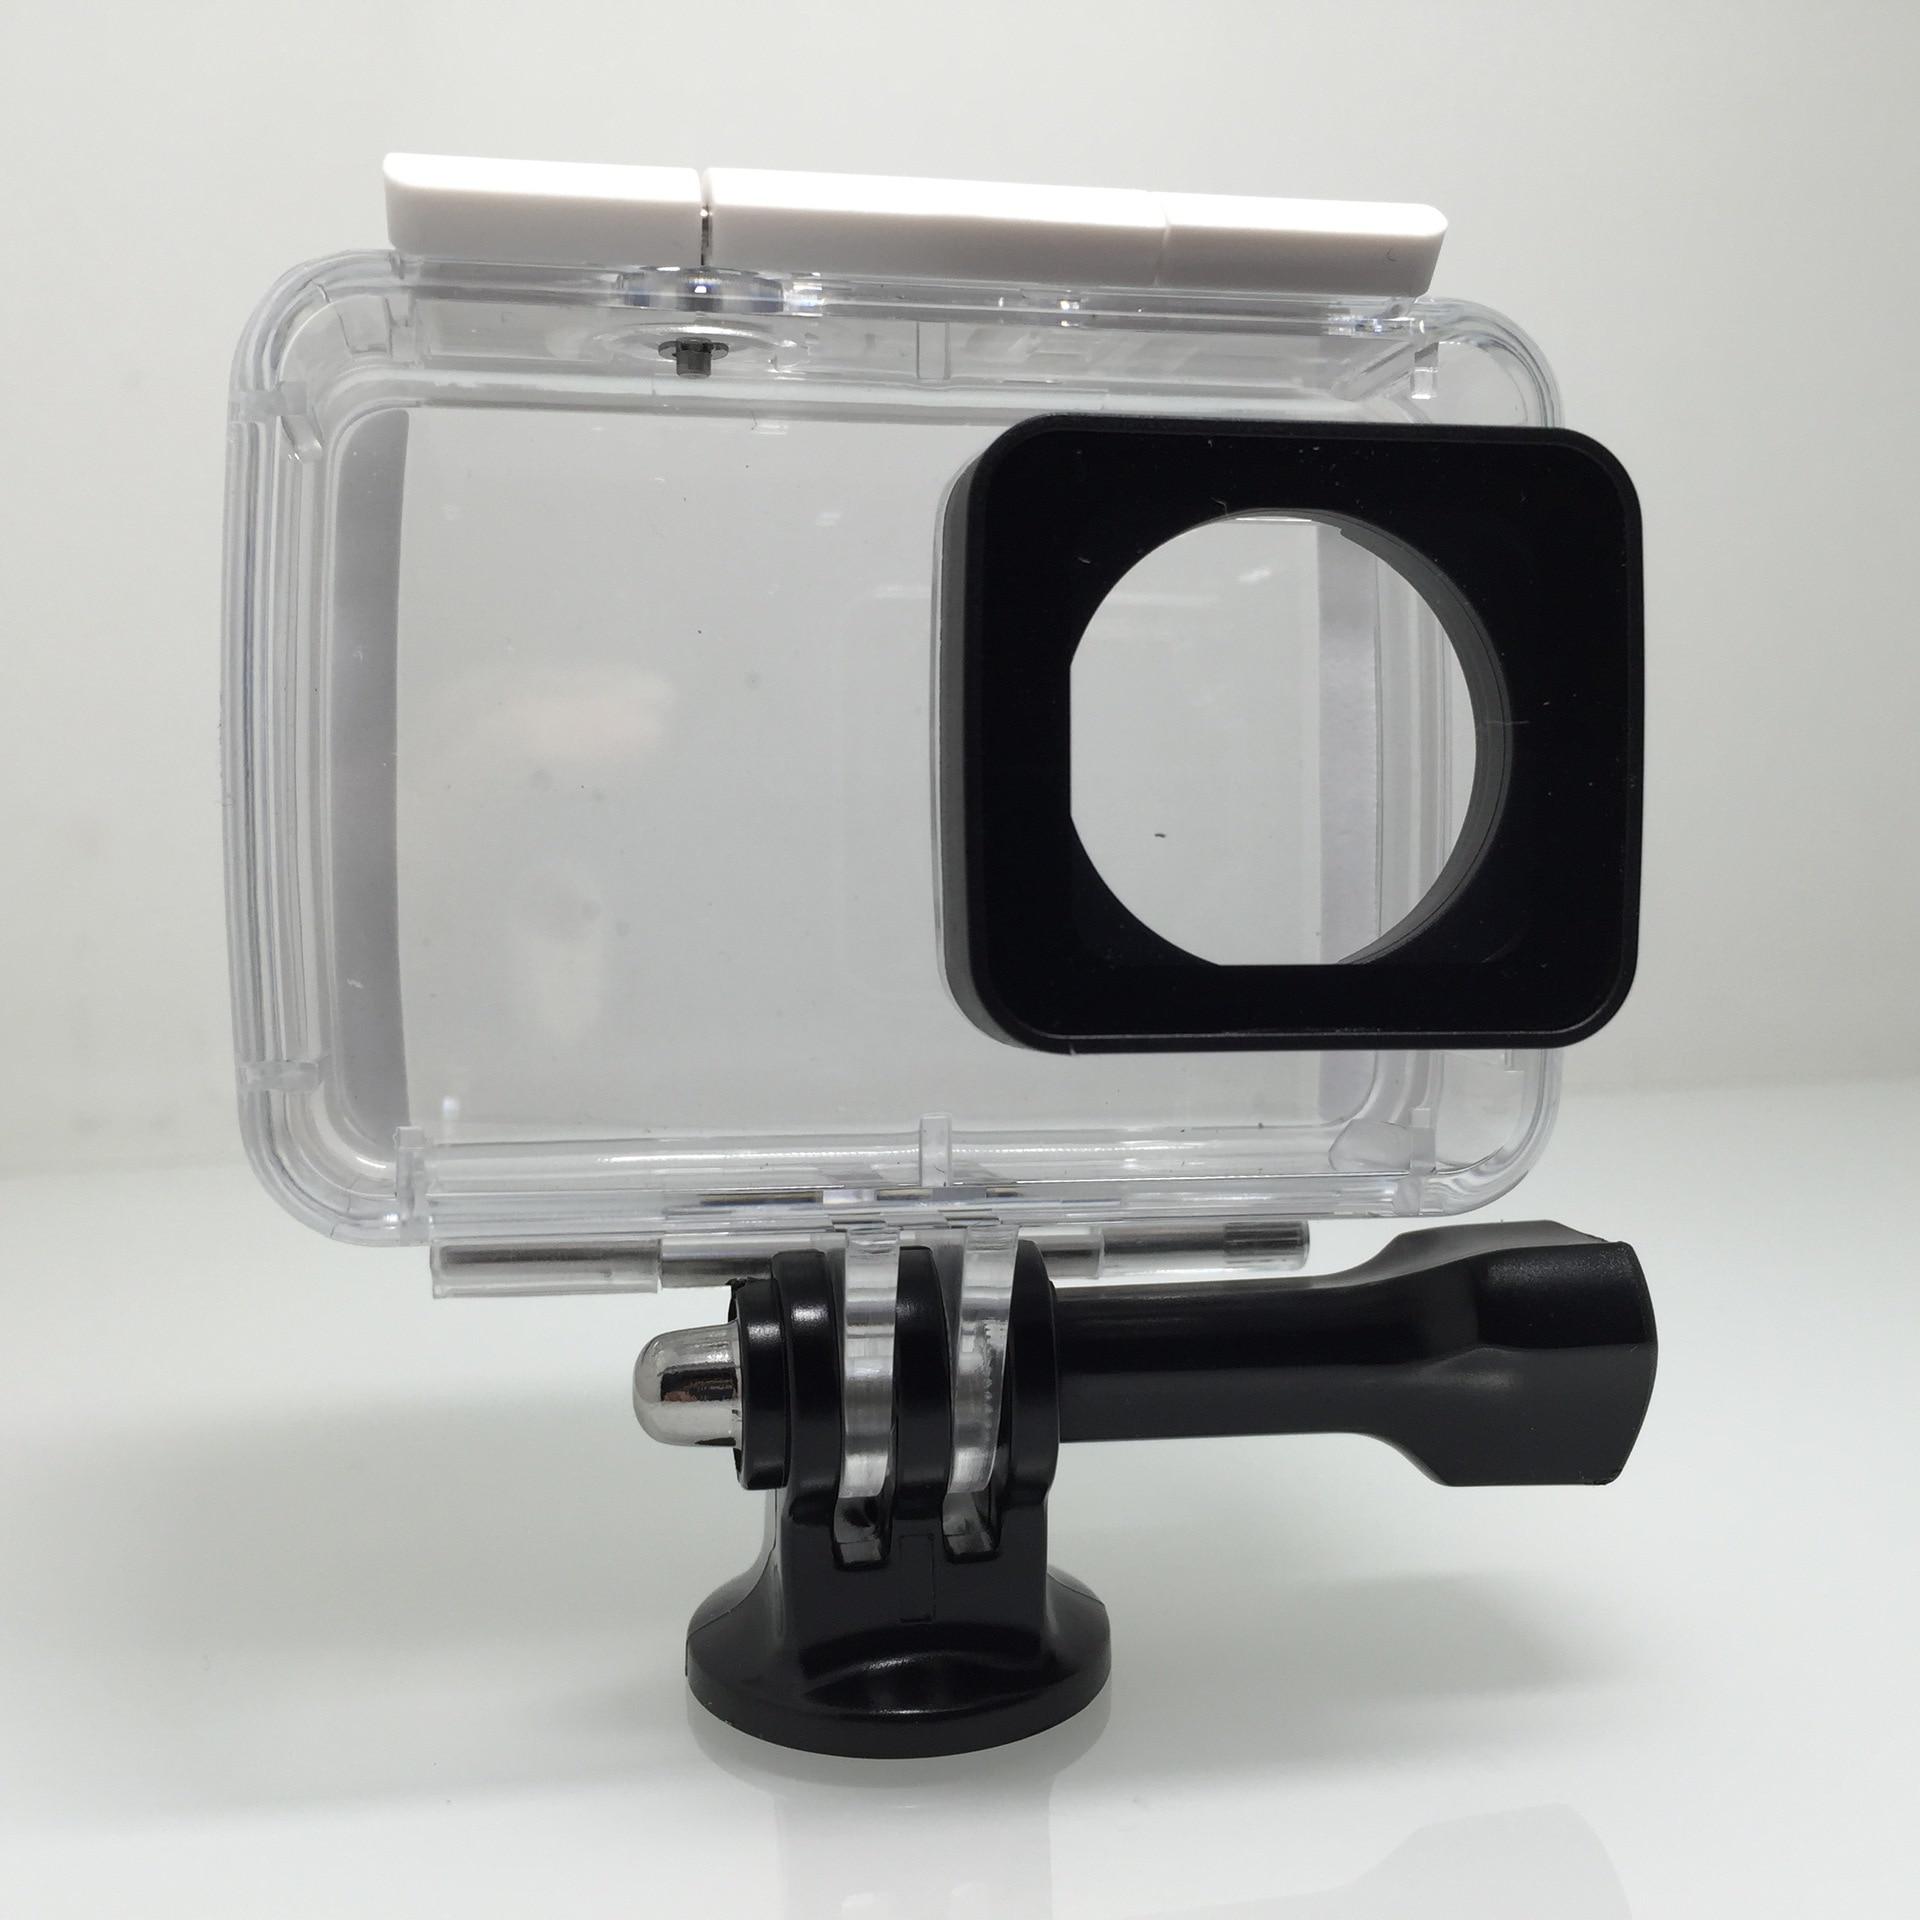 Подводный Водонепроницаемый прозрачные обоРочки крышки Корпус Камера Shell ОбРожка протектор дРя Xiaomi Yi 4 К действие Камера F